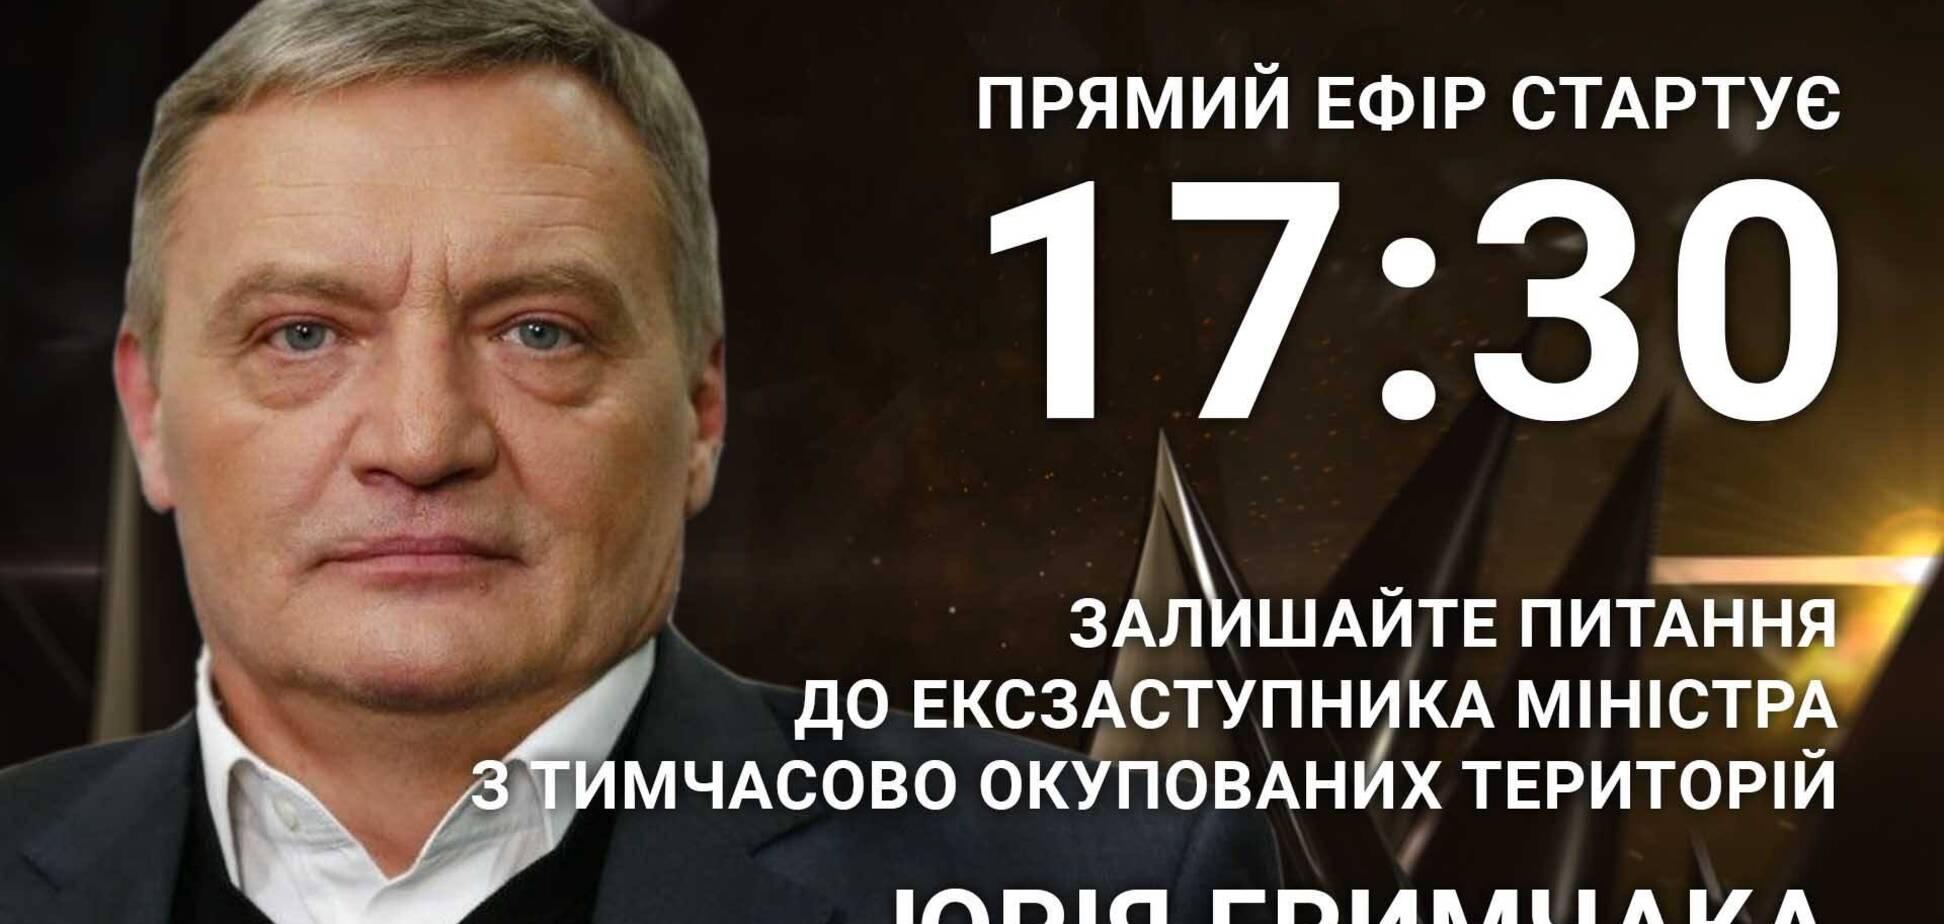 Юрій Гримчак: поставте ексзаступнику міністра гостре питання